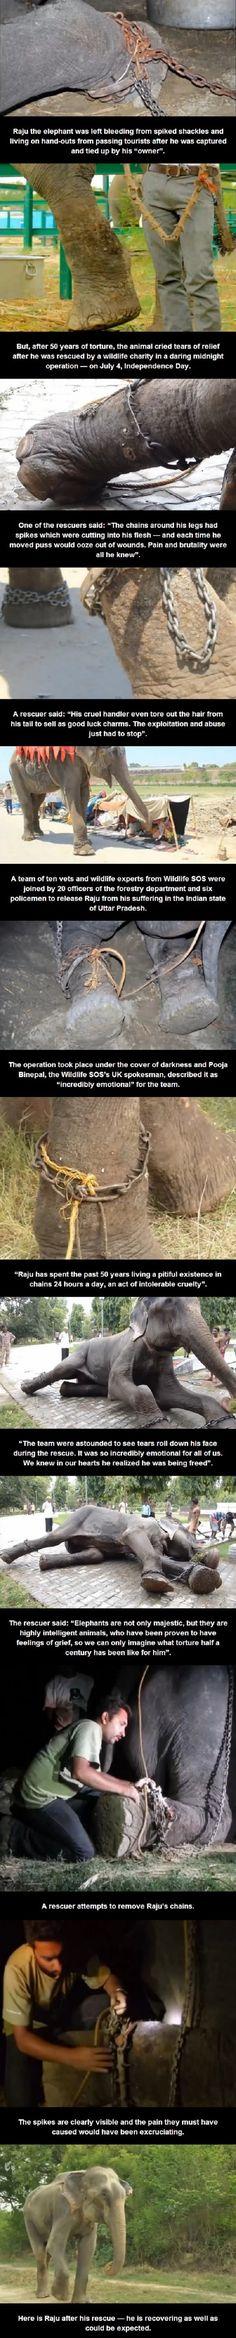 Elephant freed